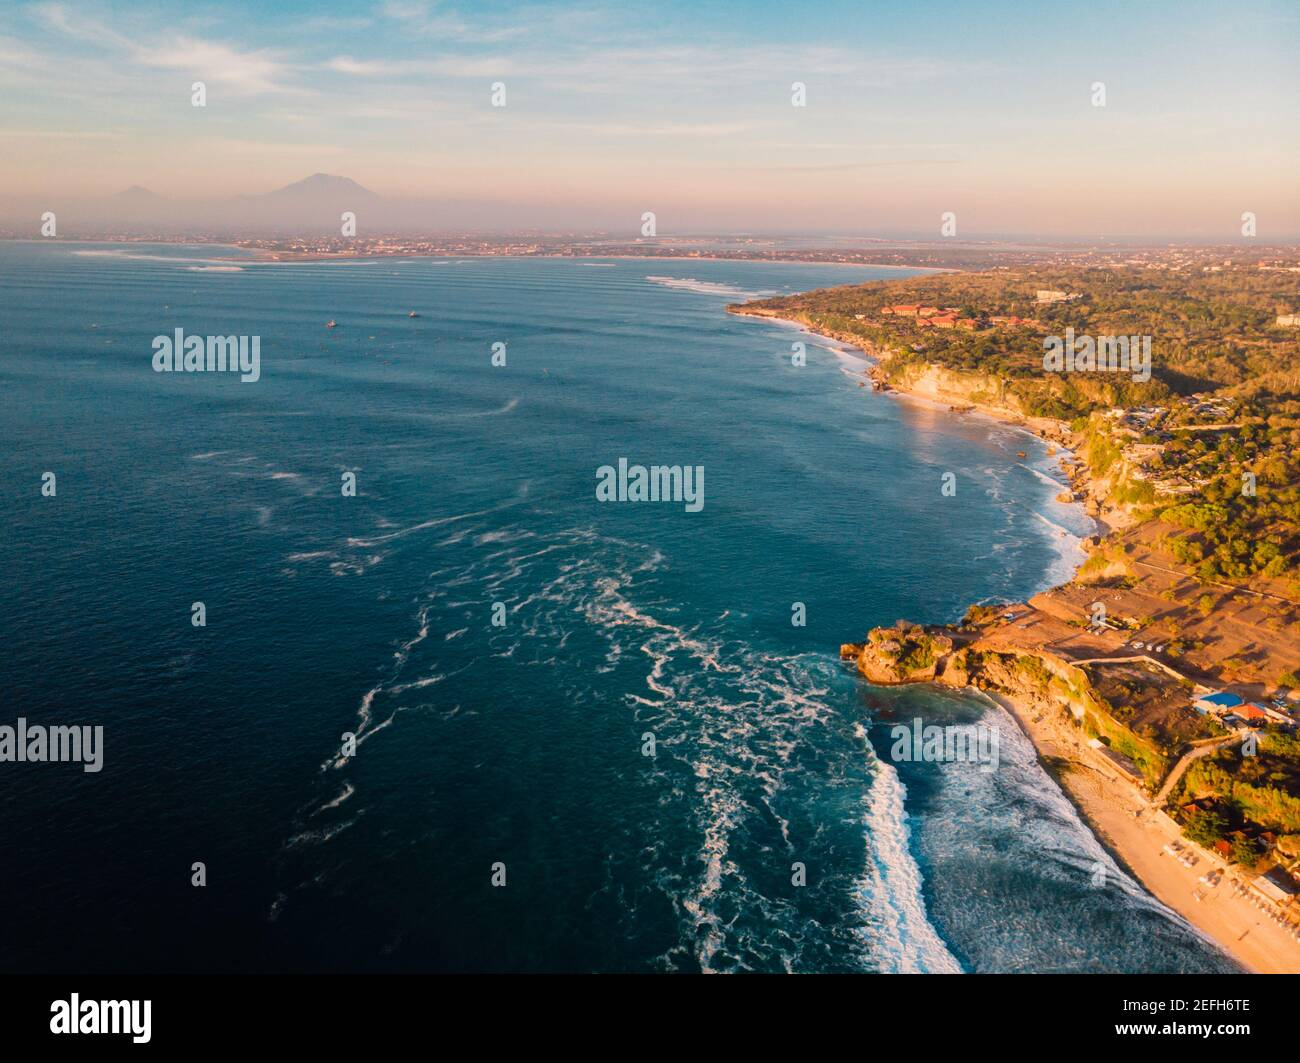 Vue aérienne de la côte rocheuse avec les plages et l'océan à Bali, Indonésie. Banque D'Images